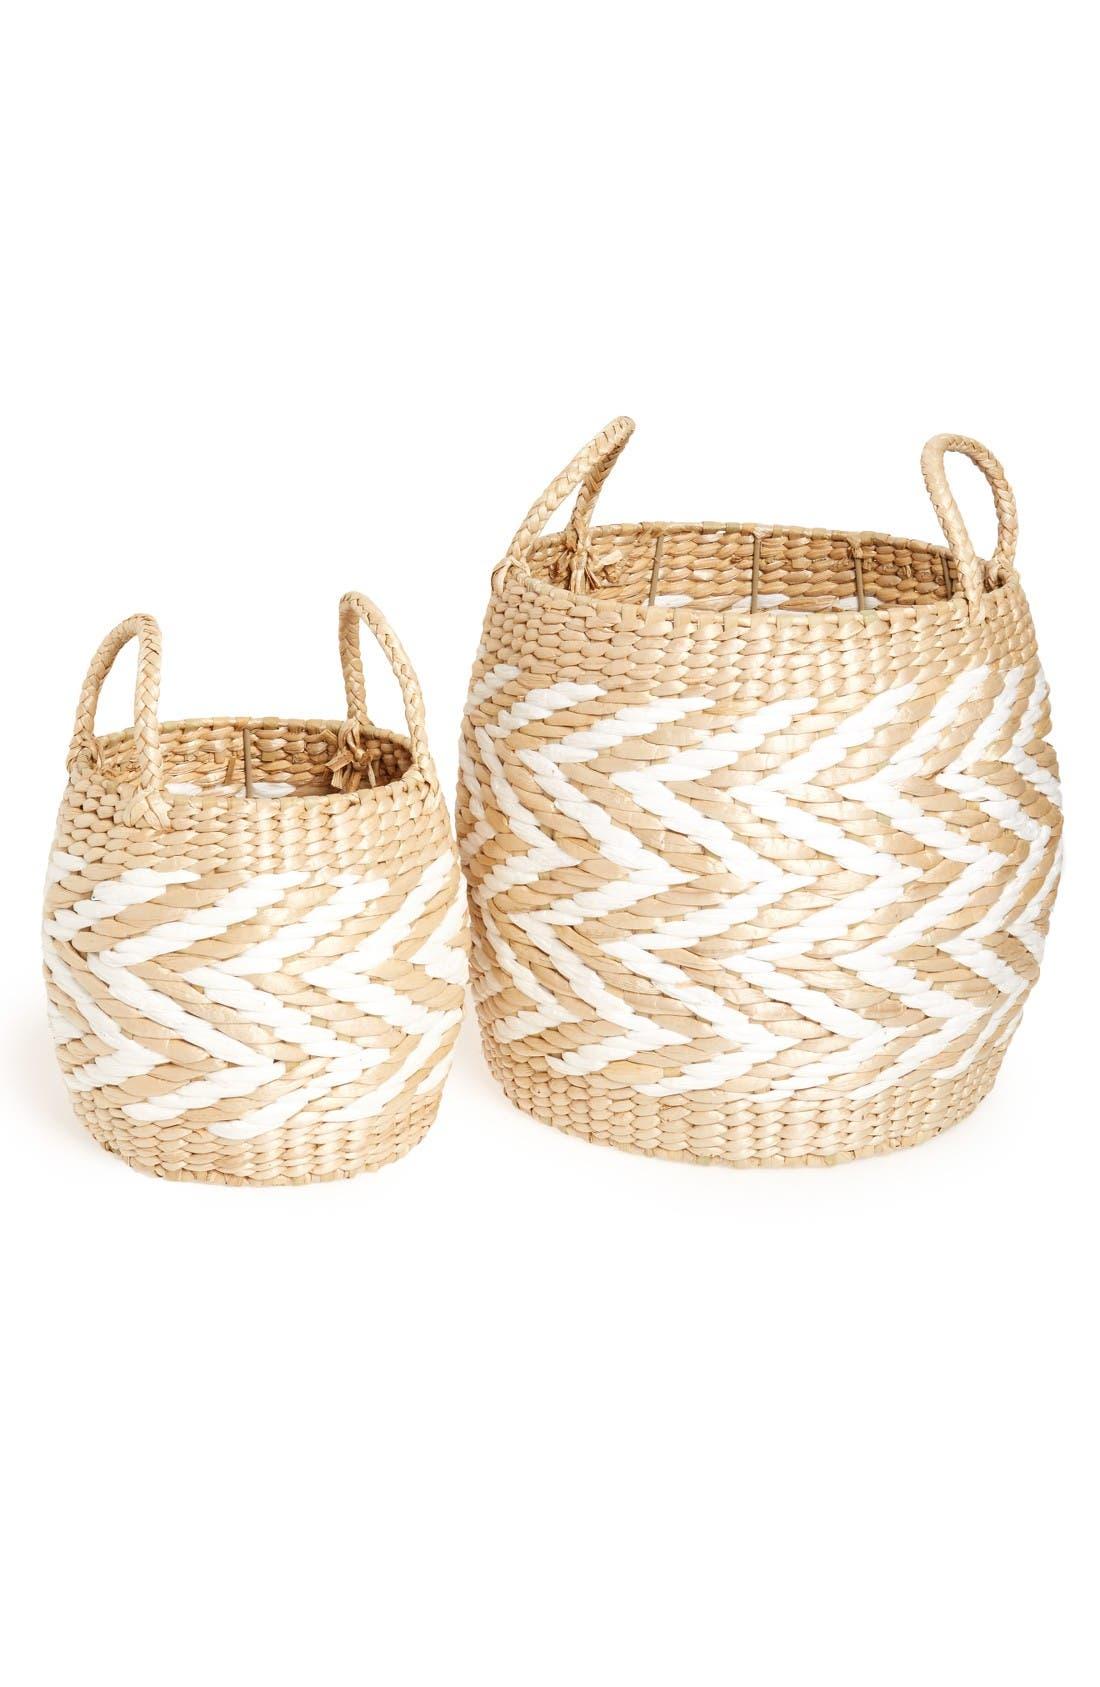 Main Image - Levtex Drum Basket